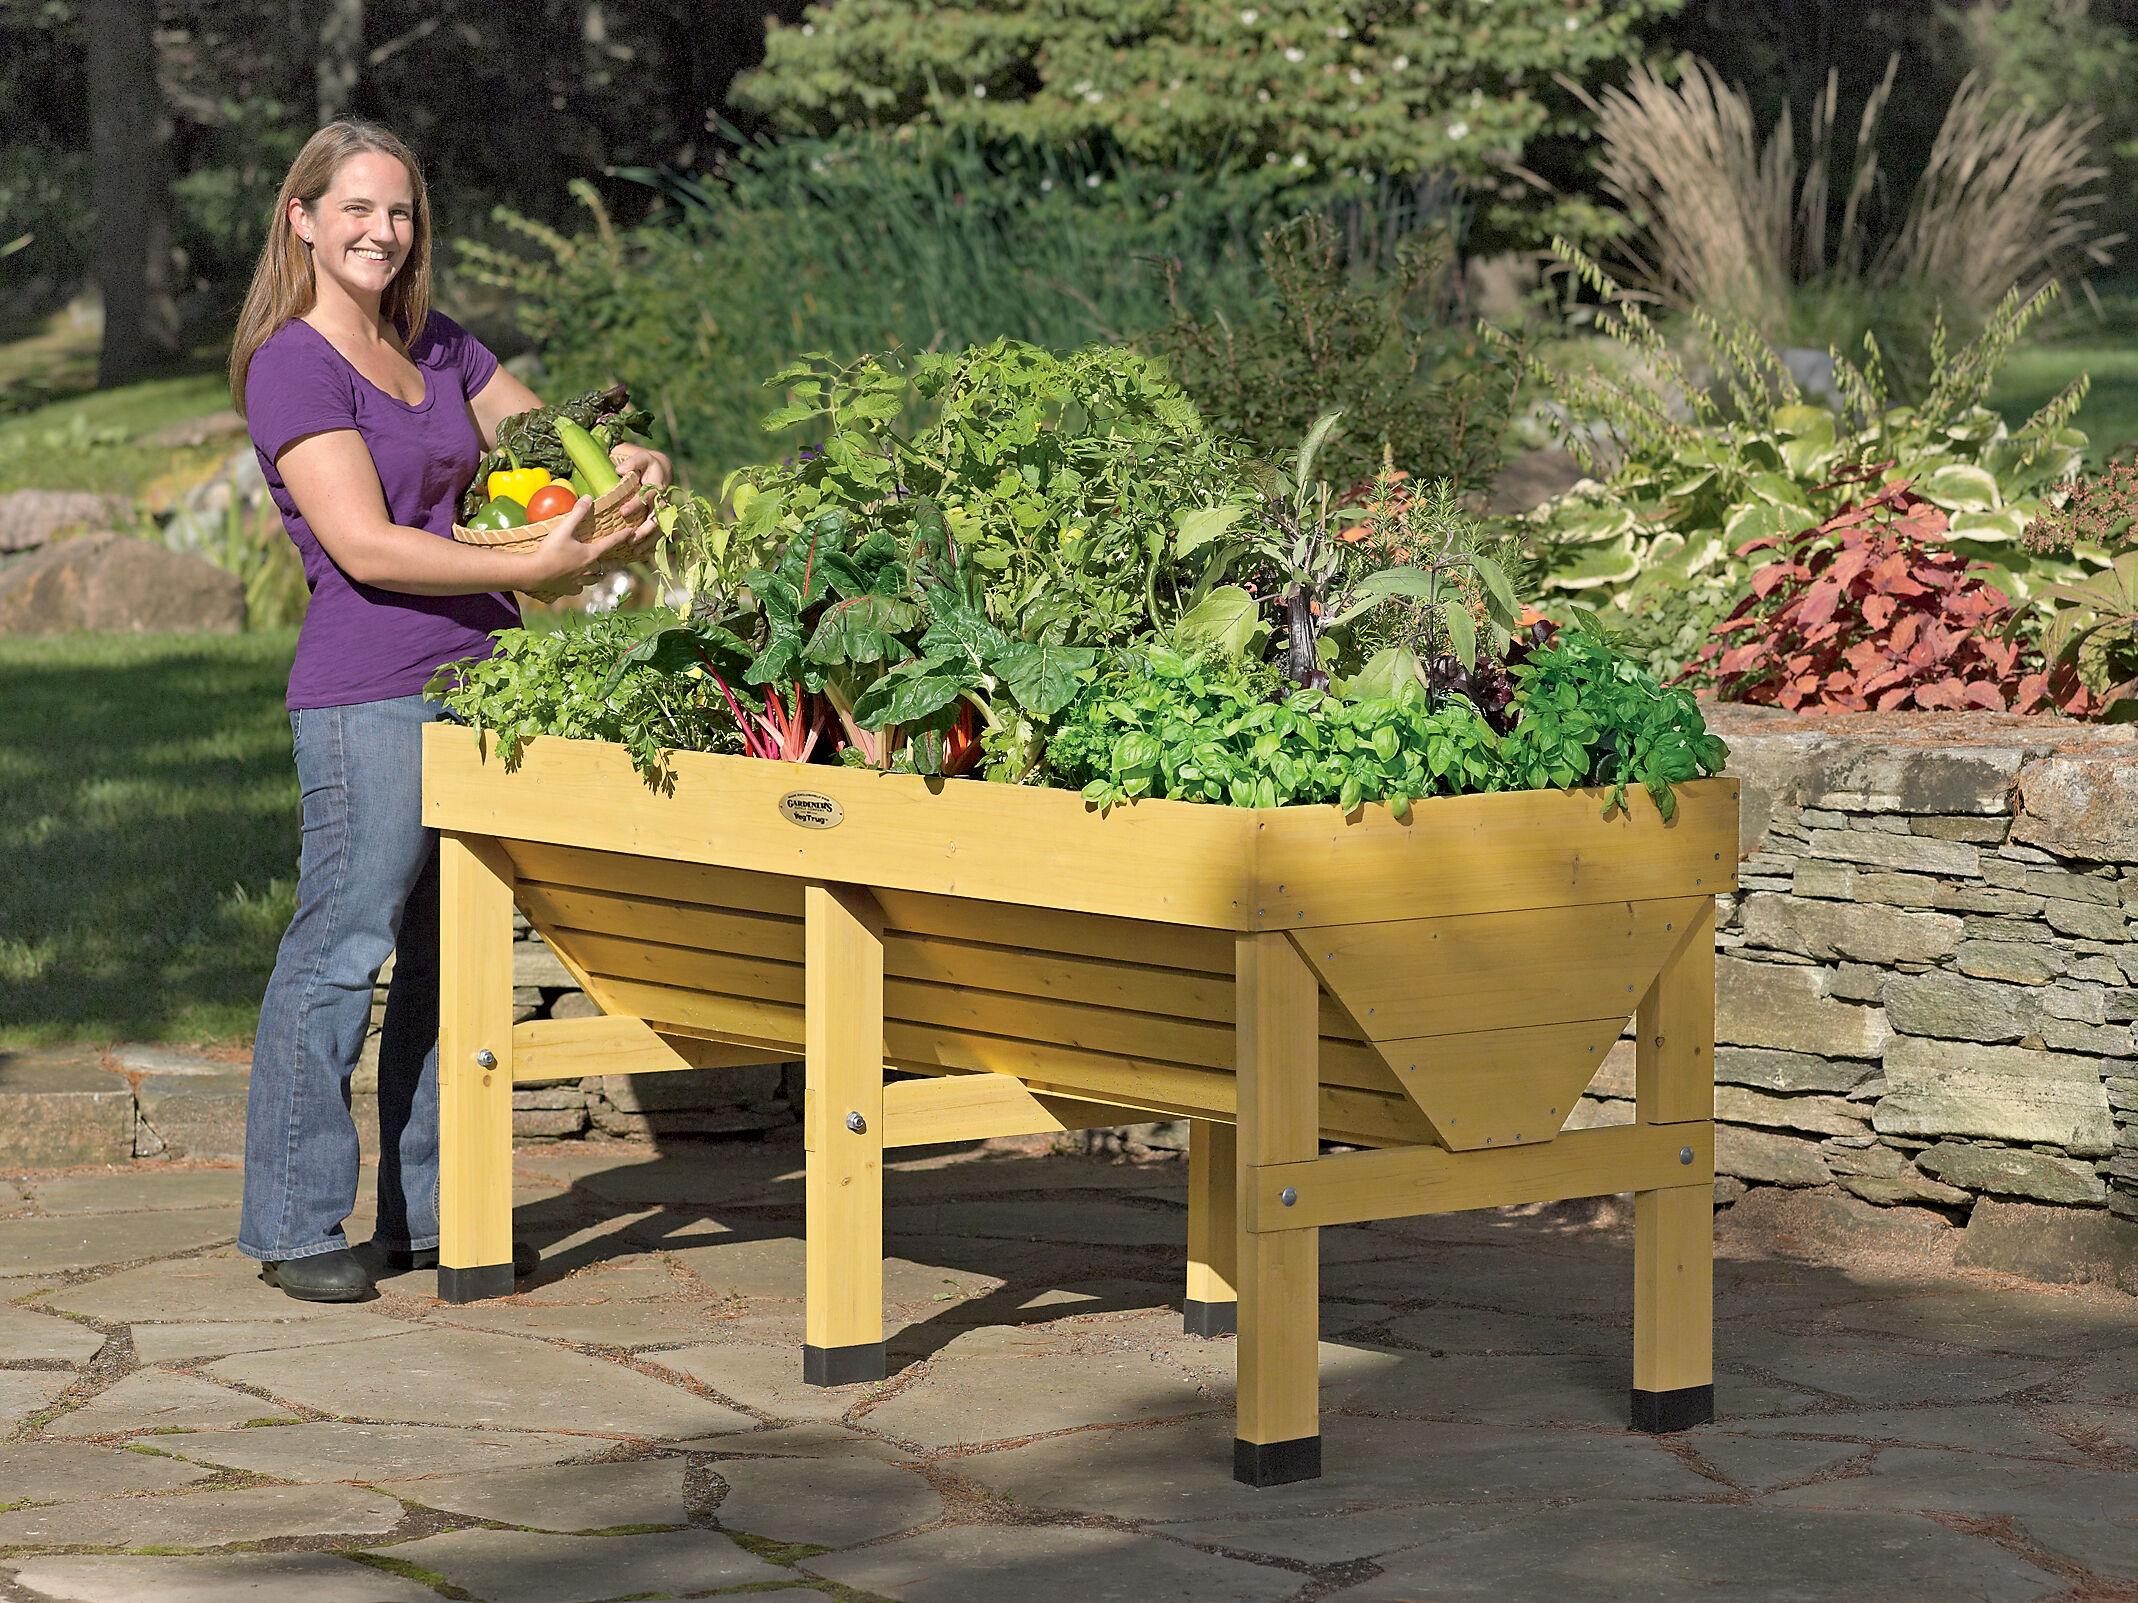 Elevated Garden Beds Raised Vegetable Gardens Gardenerscom